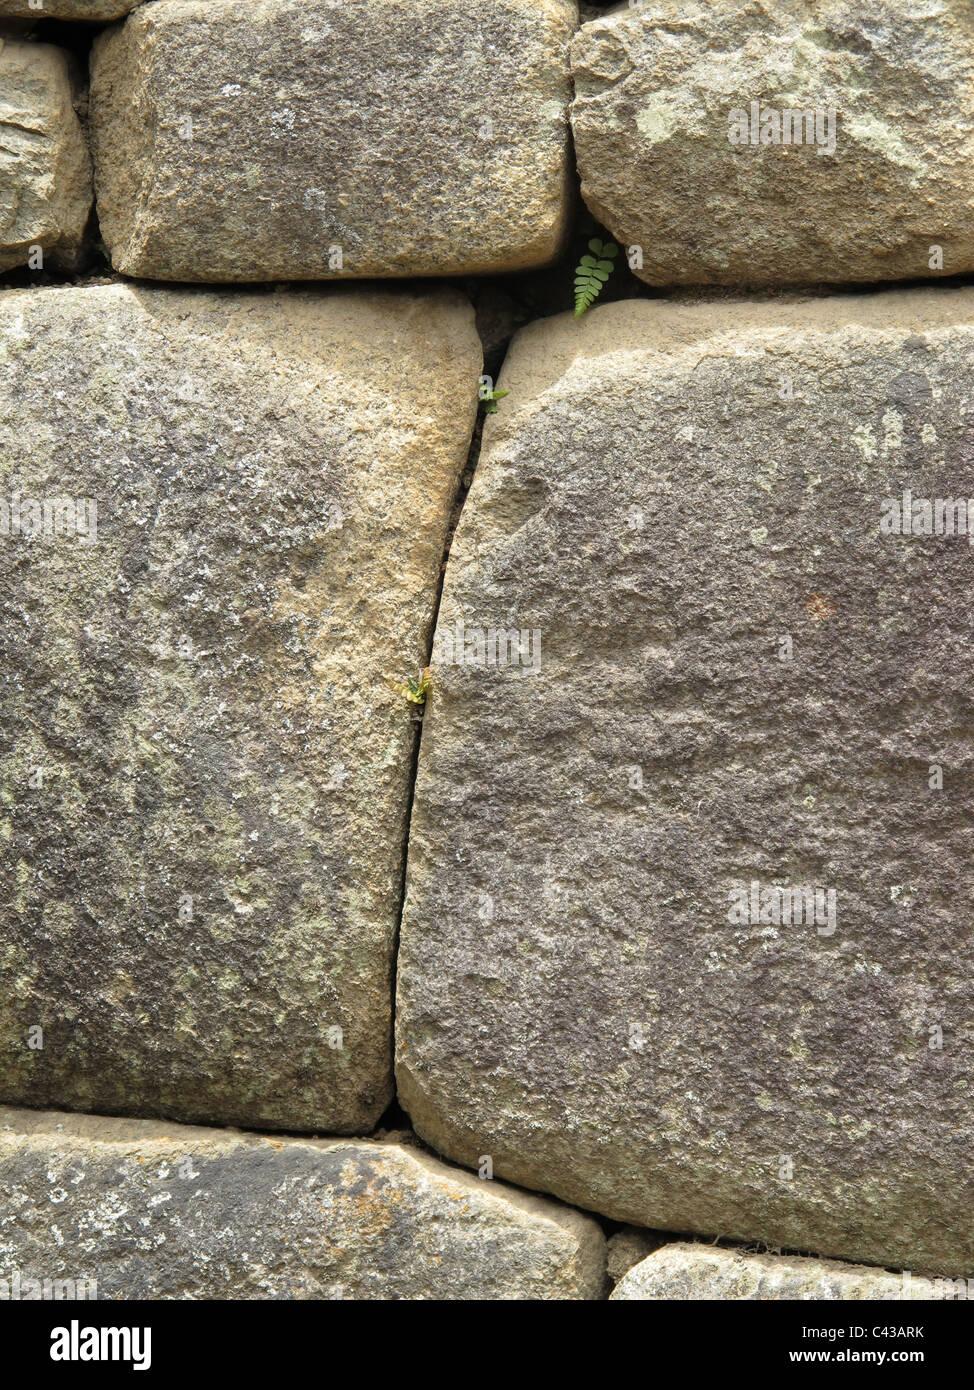 Inca Steinmauer mit Farn an Ruinen von Machu Picchu, Peru Stockbild